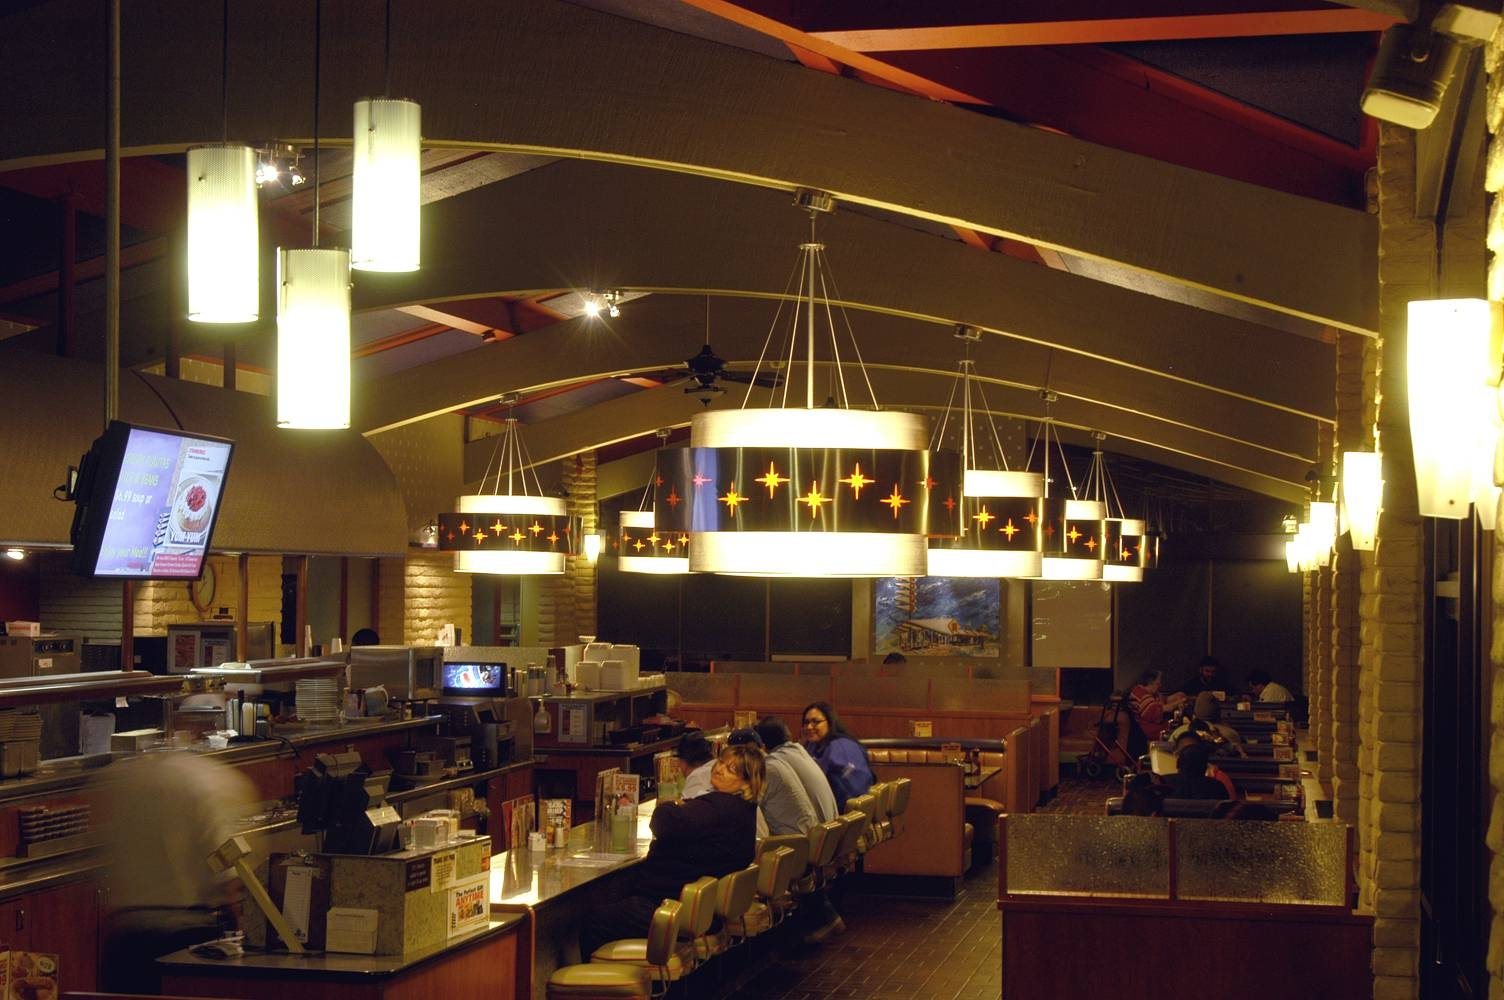 Restaurant Lighting Fixtures - Light Fixtures with regard to Restaurant Lighting Fixtures (Image 10 of 15)